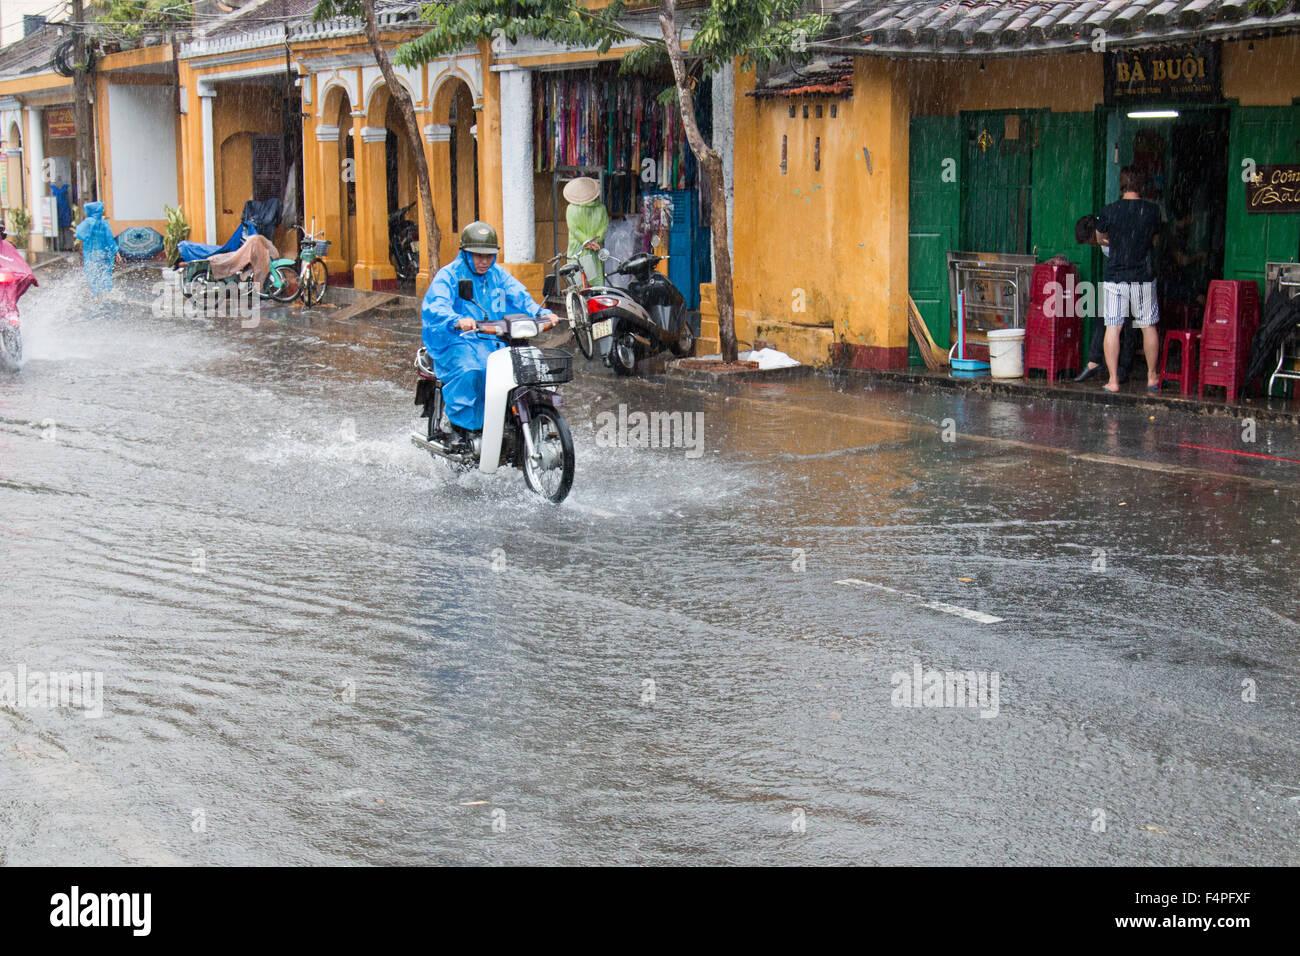 L'ancienne ville de Hoi An Vietnam, biker sur moto scooter à travers la route inondée pendant les Photo Stock